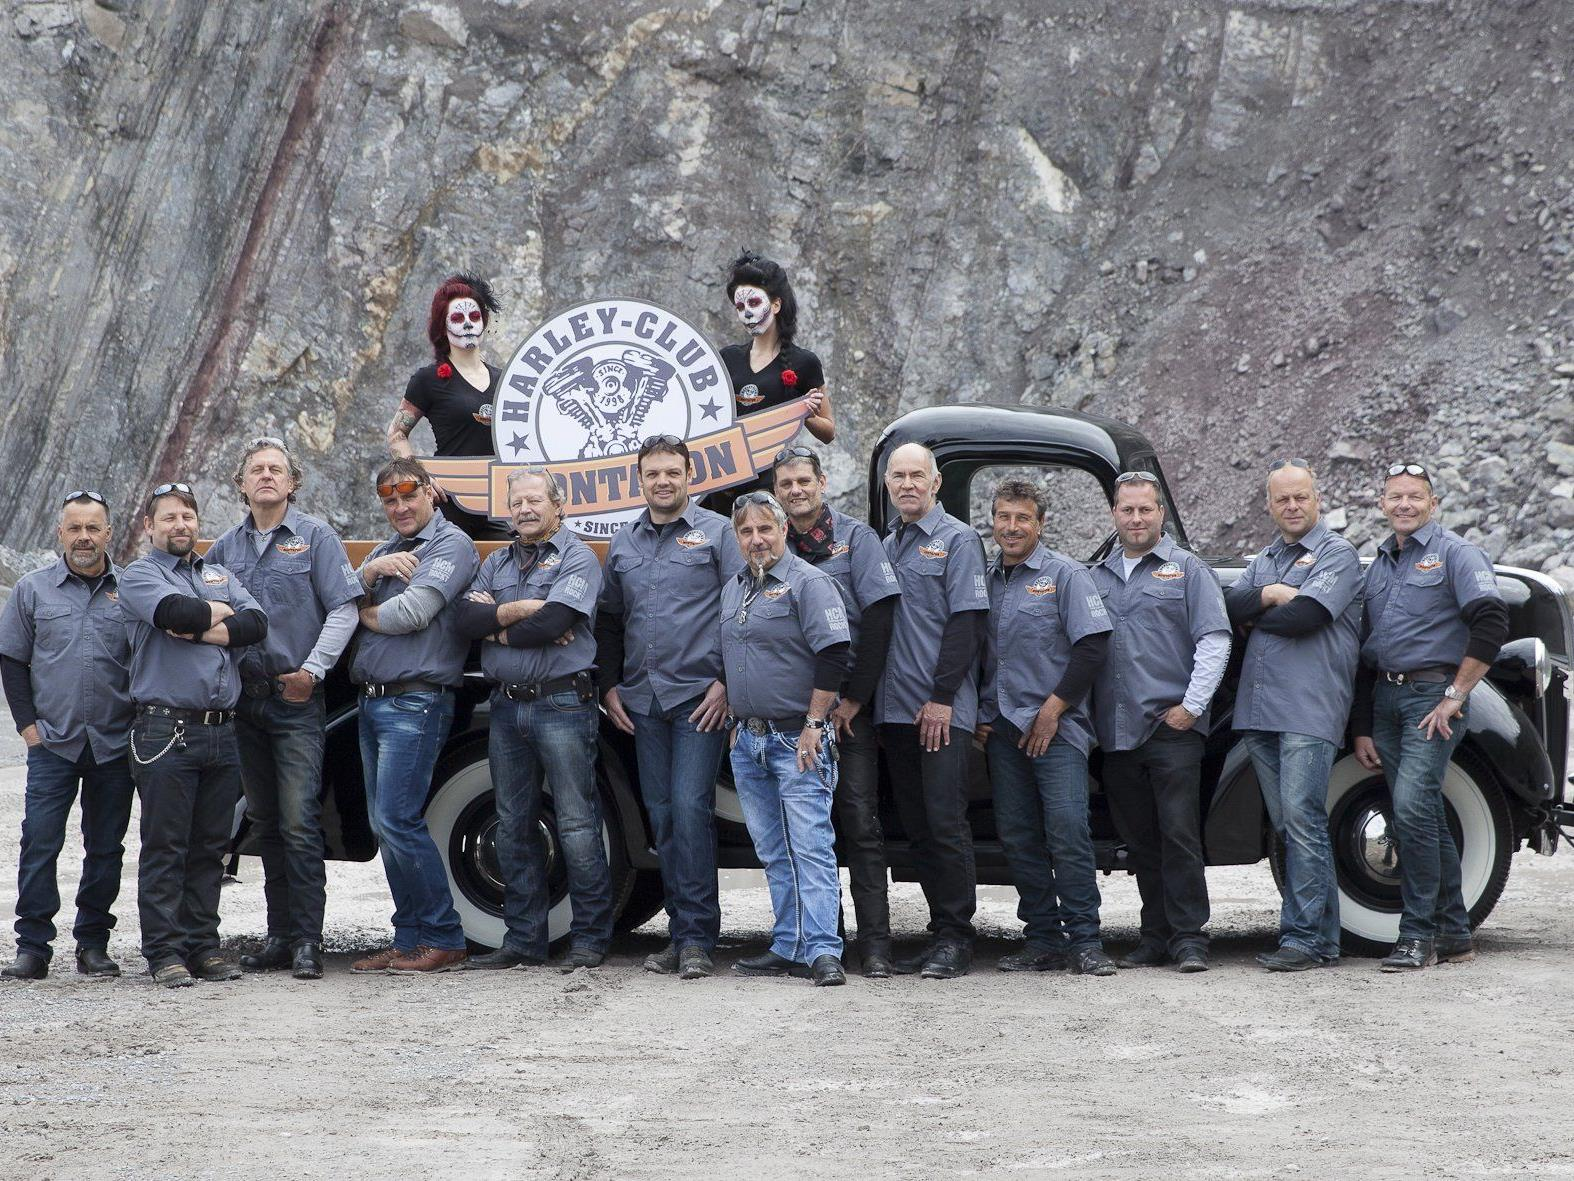 Höhepunkt der Bikerparty ist die Verlosung einer Harley Davidson